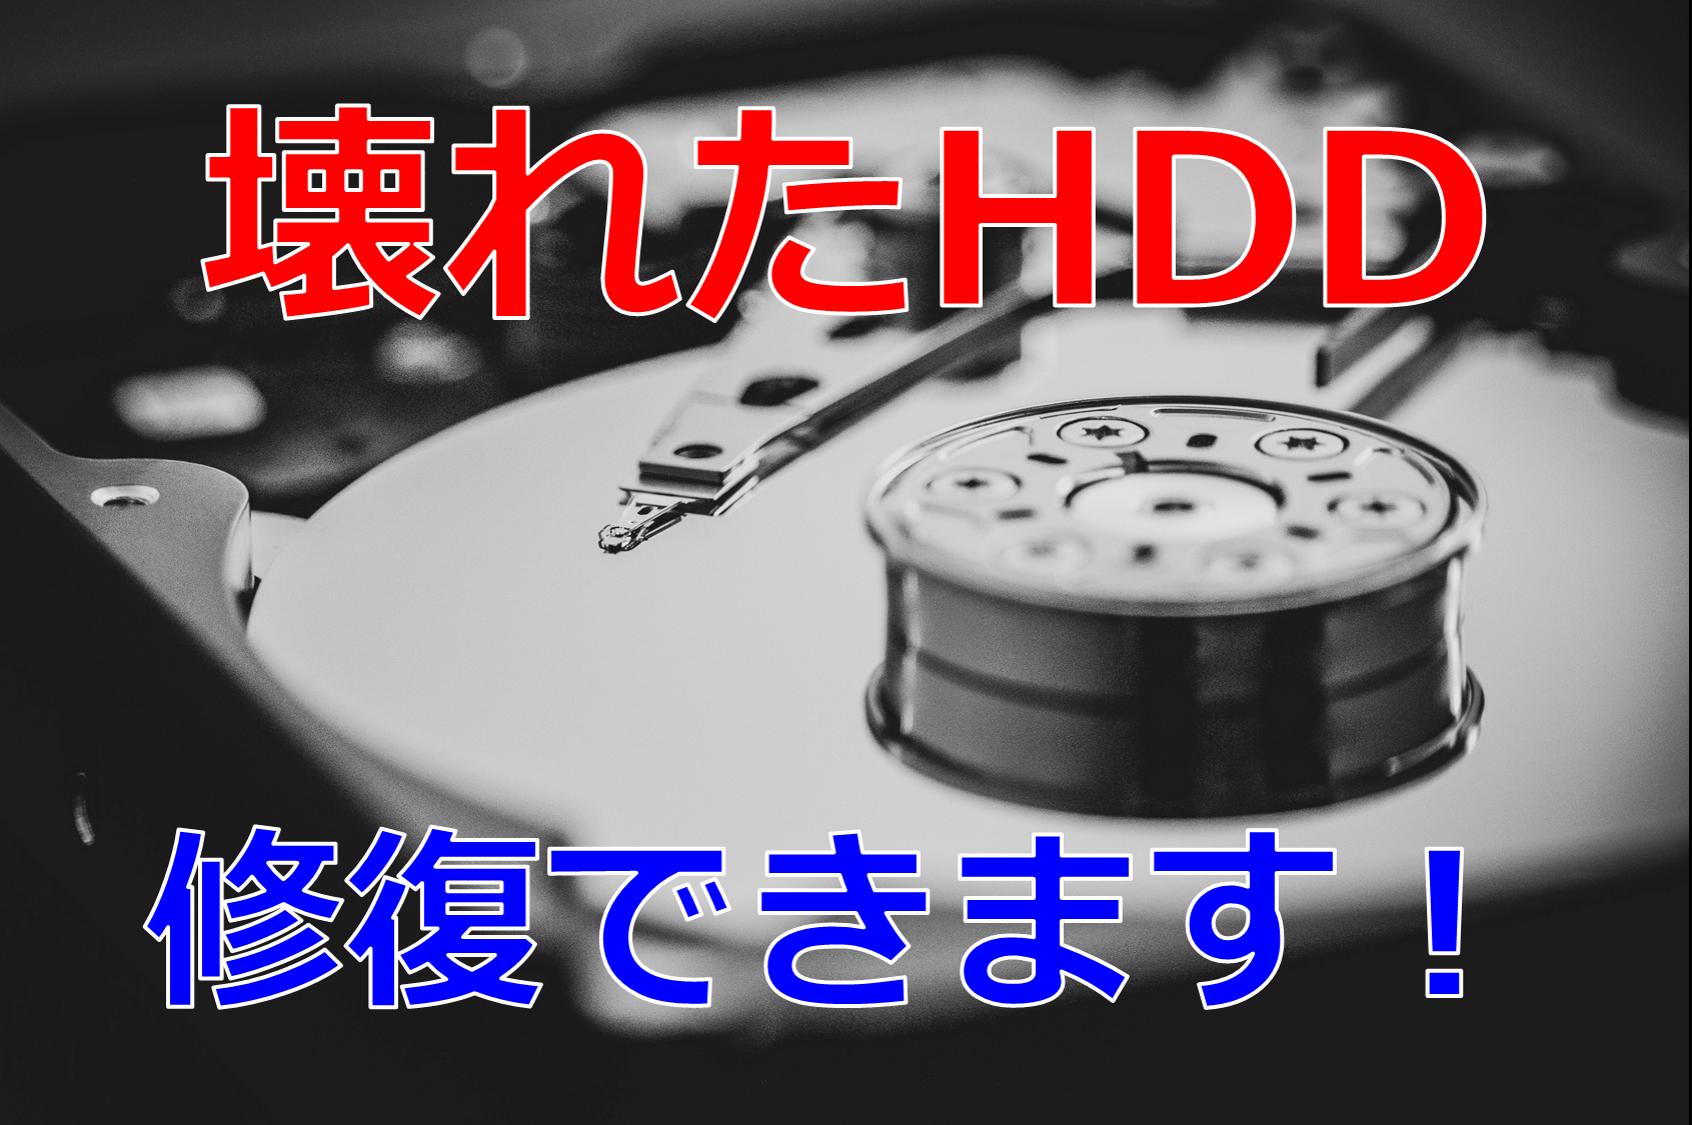 安心できる専門業者に依頼!故障したHDDを修復/復旧する方法